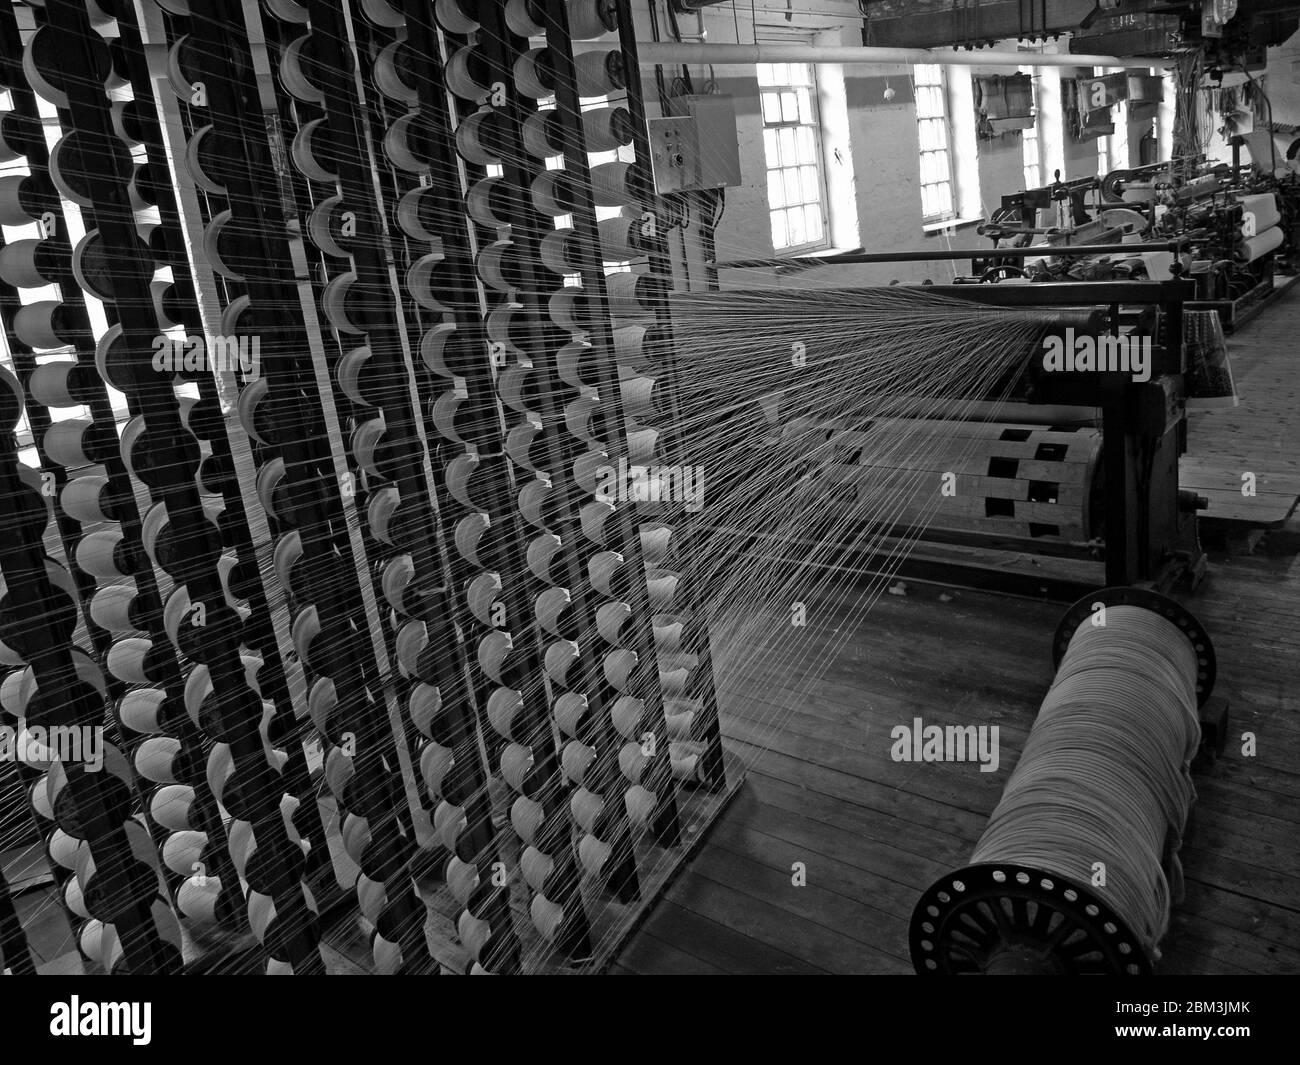 Dieses Stockfoto: Baumwollspinnmaschine, in einer viktorianischen Baumwollfabrik in Manchester, Baumwollindustrie, Nordwestengland, Großbritannien - 2BM3JM